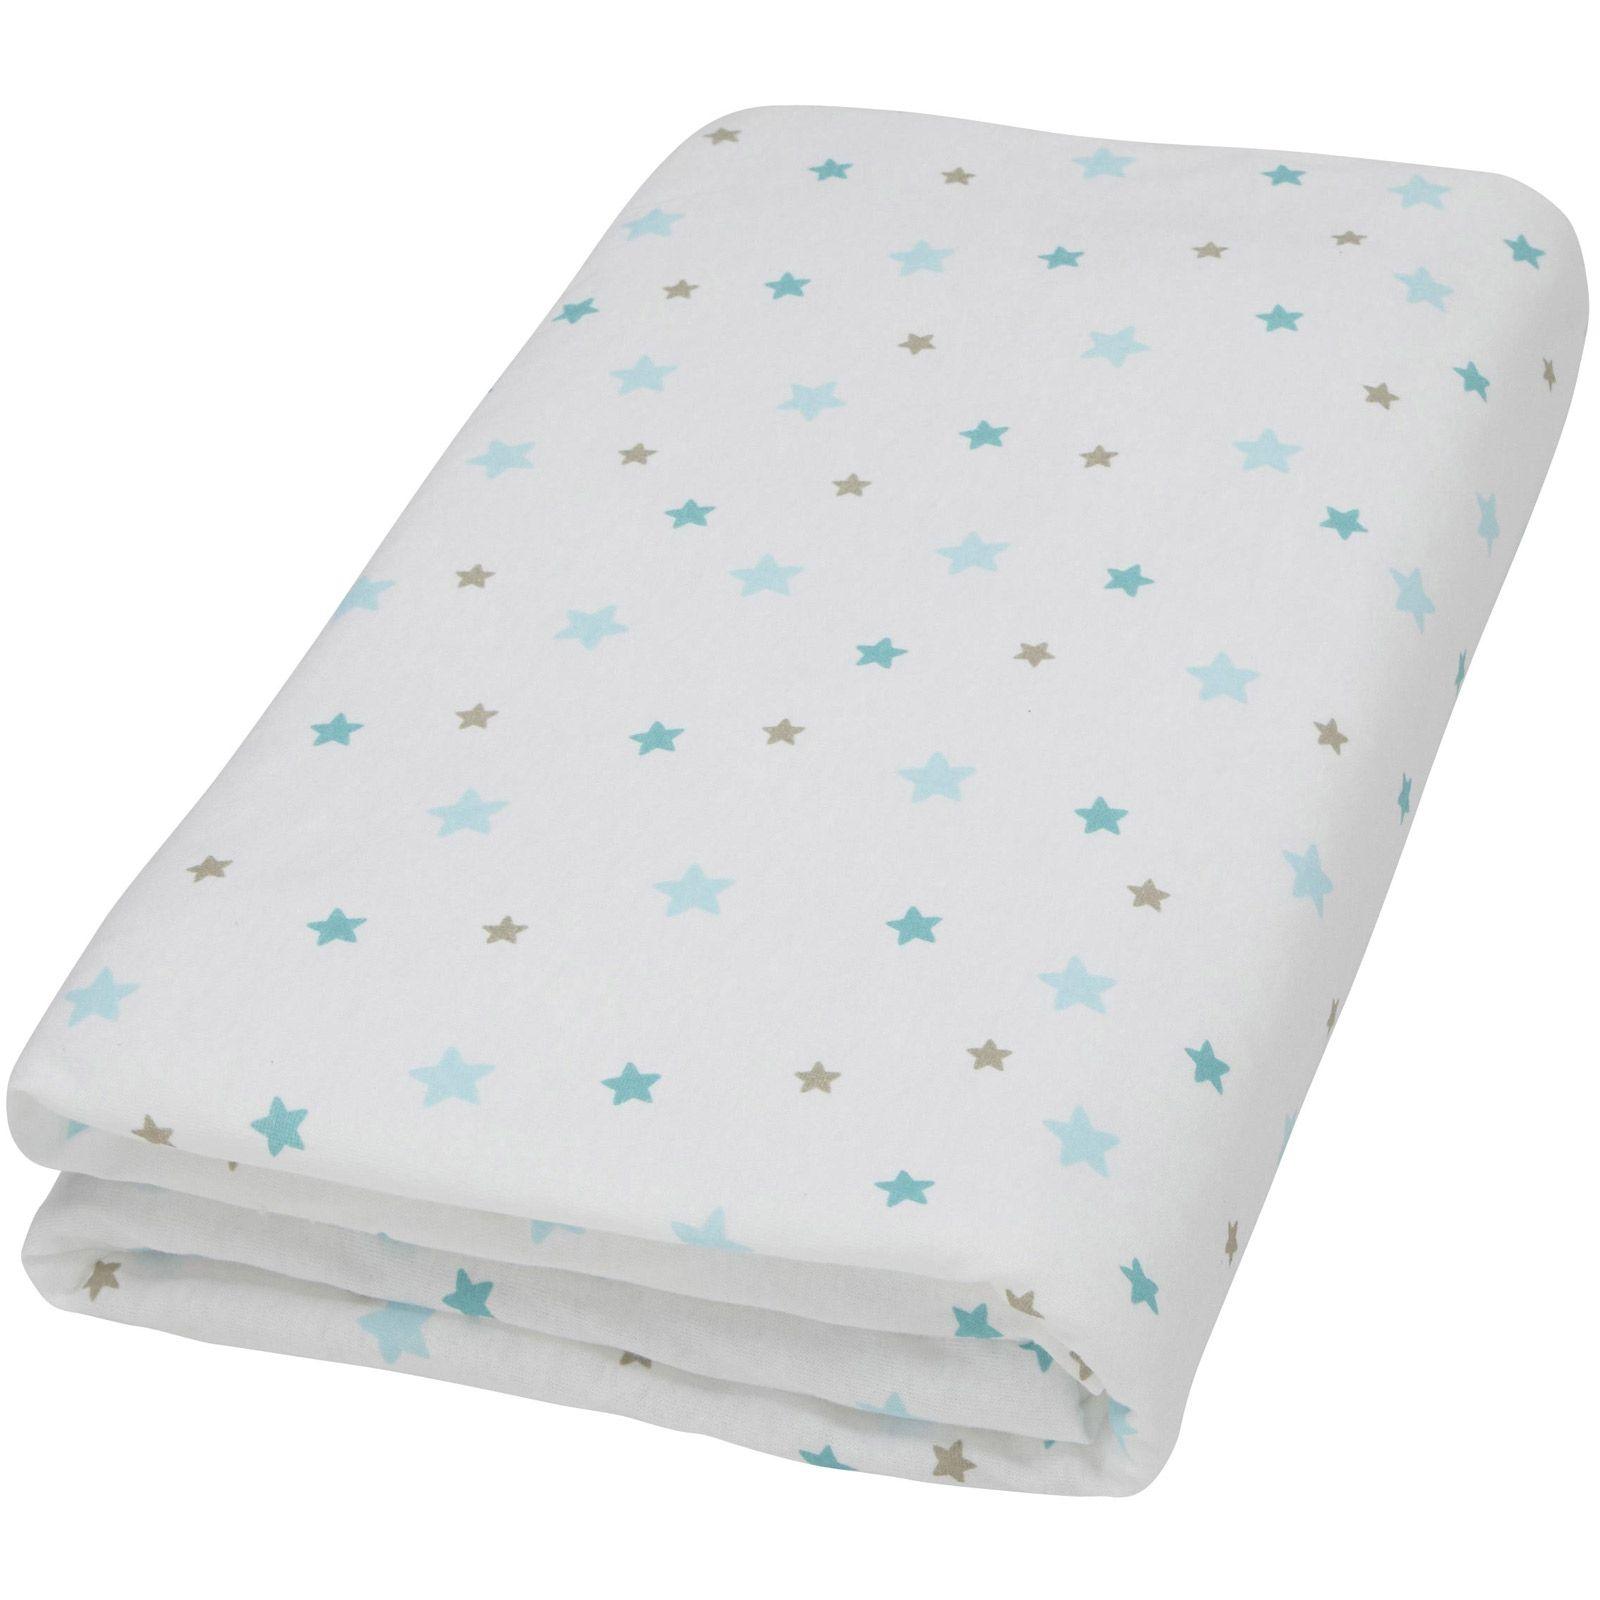 drap housse blanc imprim flocon toiles aqua 70 x 140 cm domiva c 39 est nouveau it 39 s. Black Bedroom Furniture Sets. Home Design Ideas